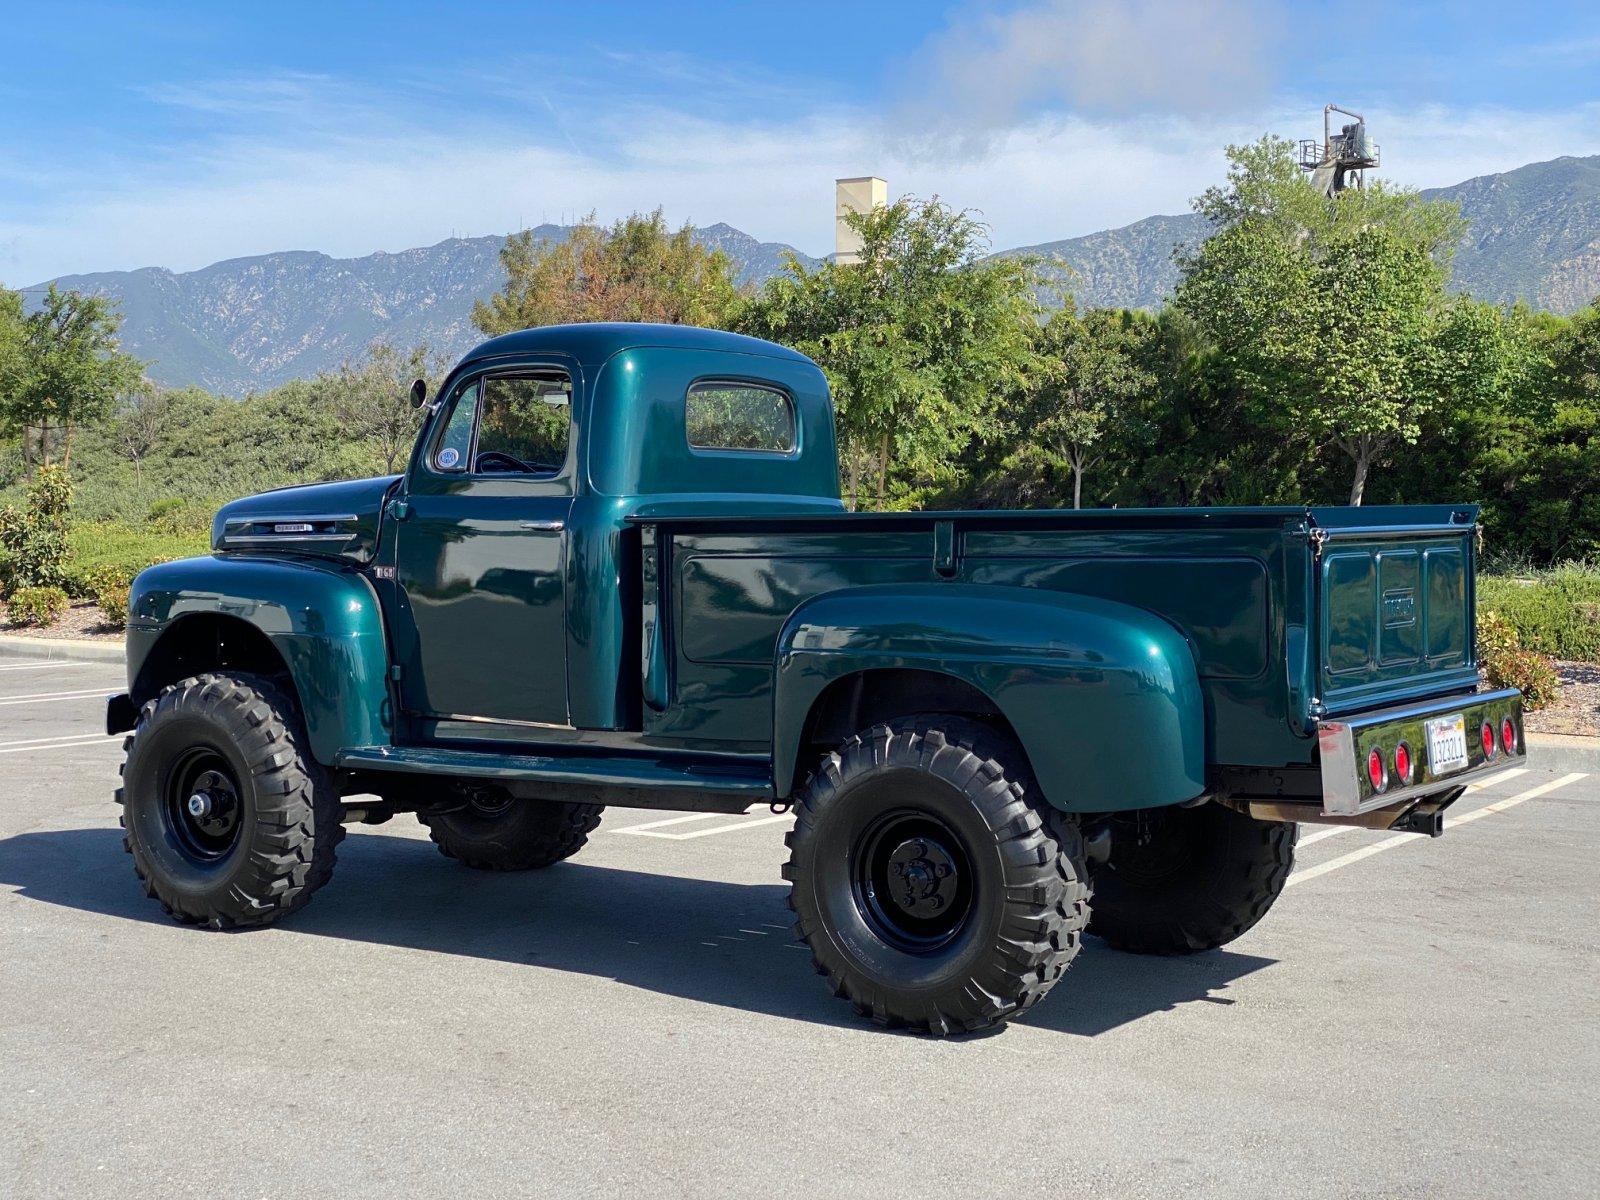 1946_mercury_m68_truck_158947677898764daIMG_5811.jpg